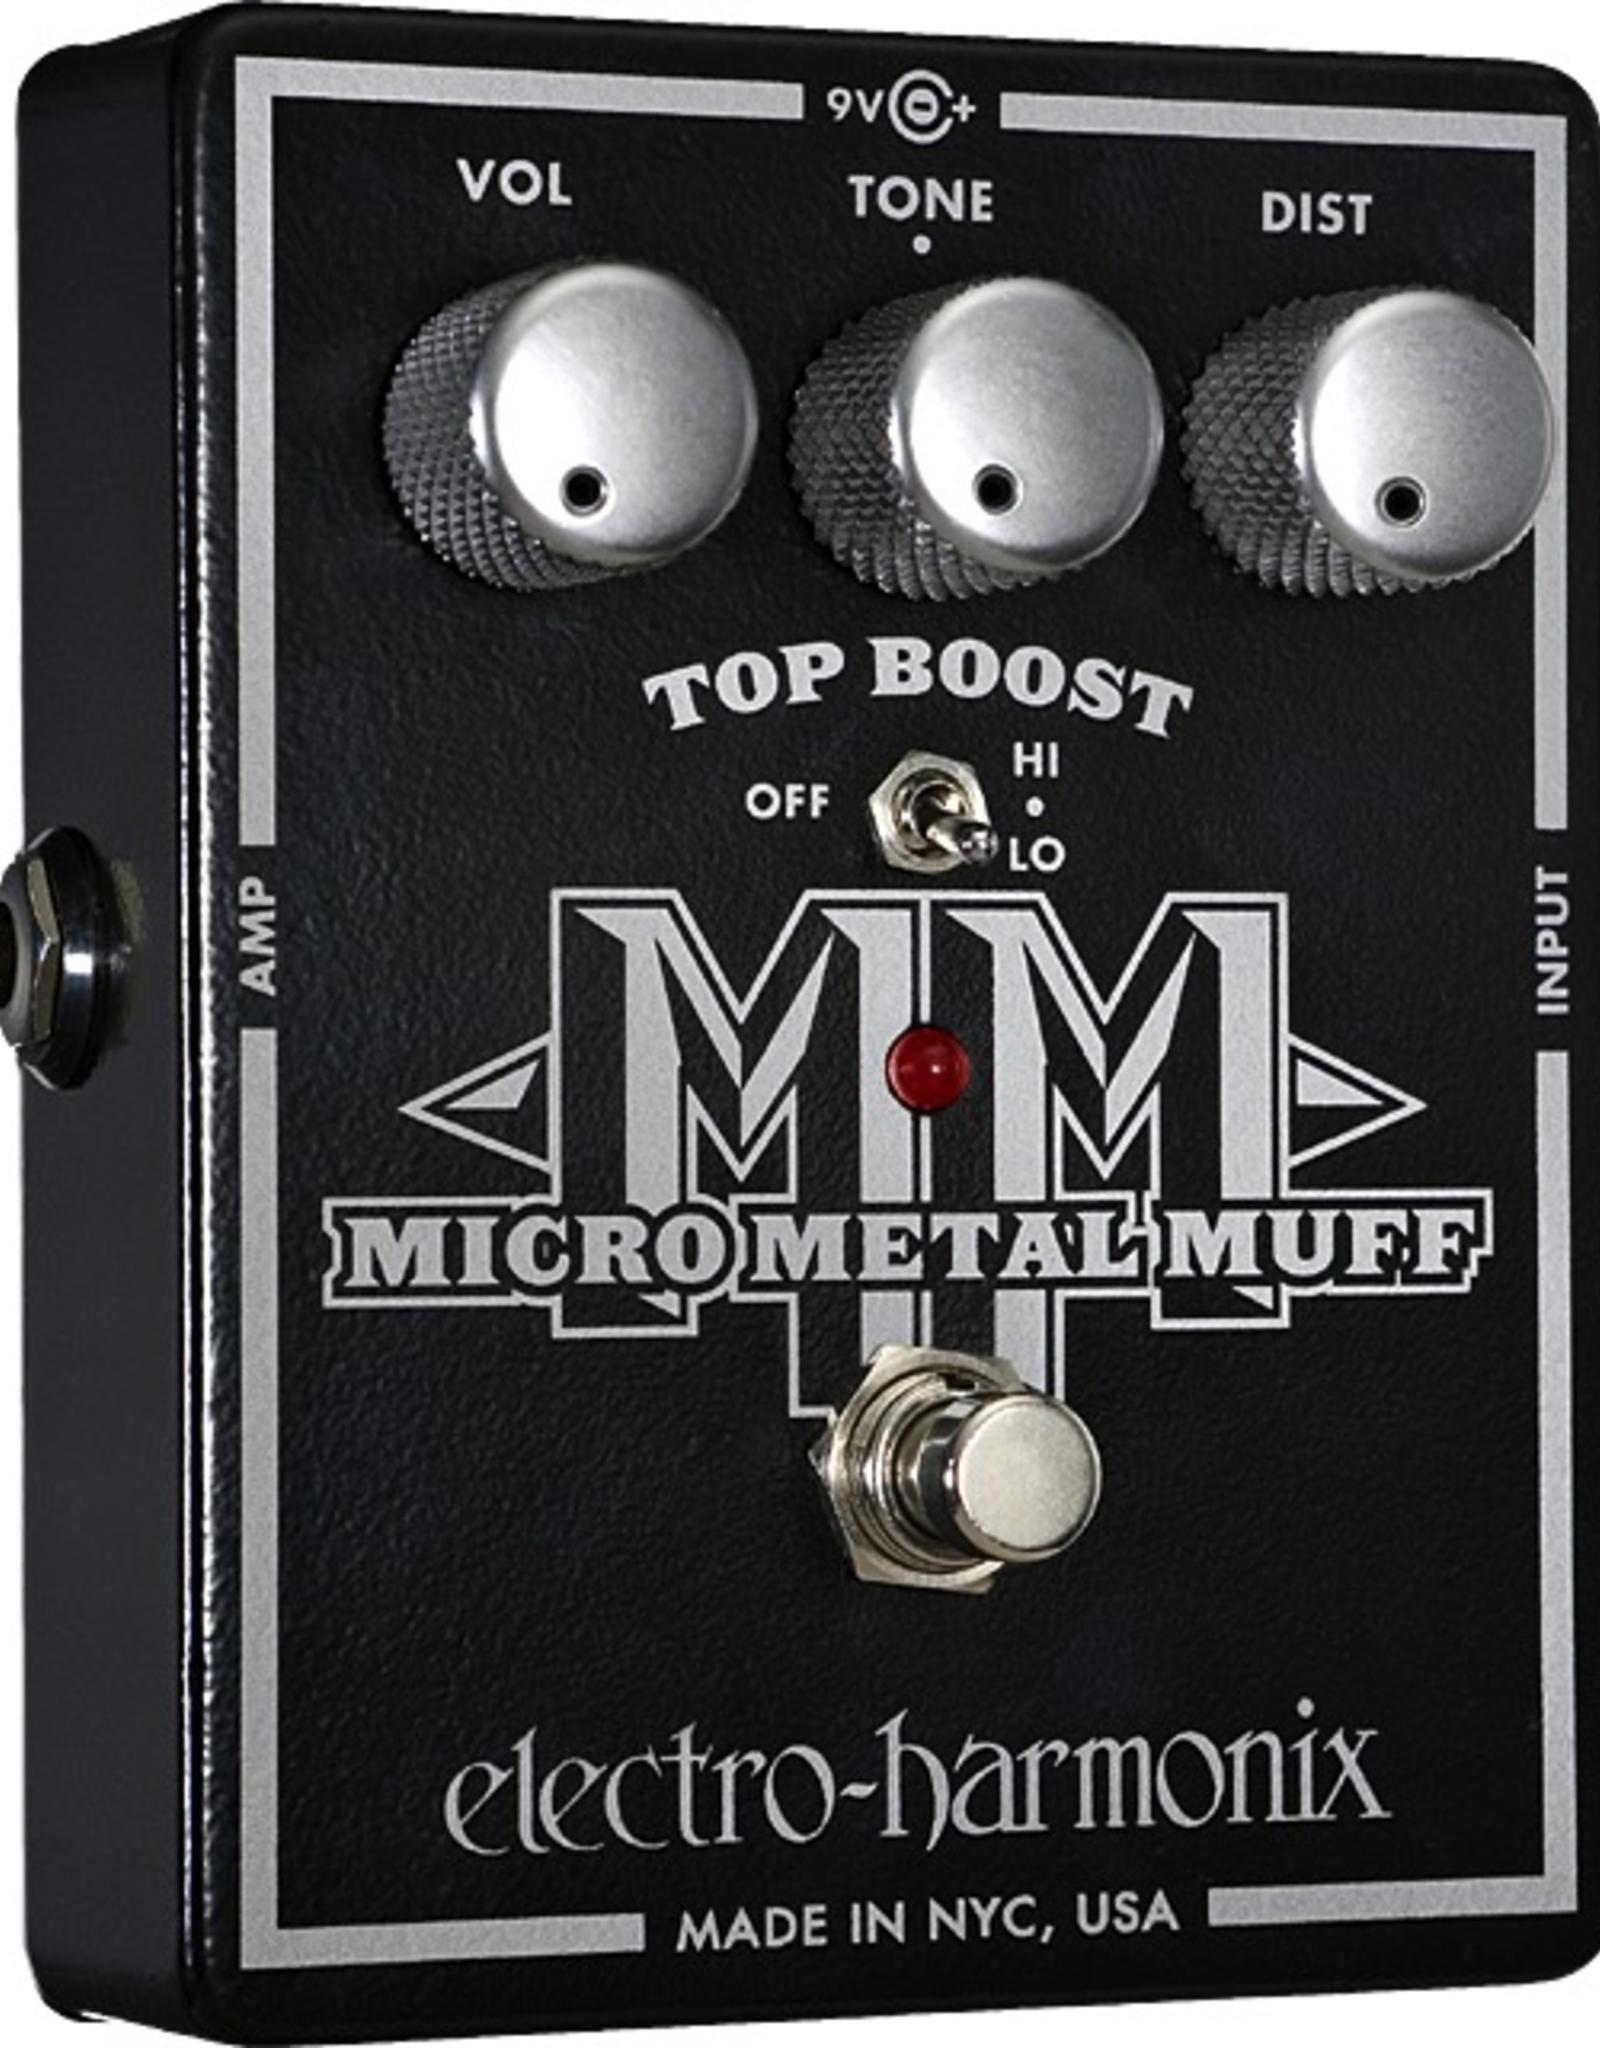 Electro-Harmonix Electro-Harmonix Micro Metal Muff Distortion w/ Top Boost